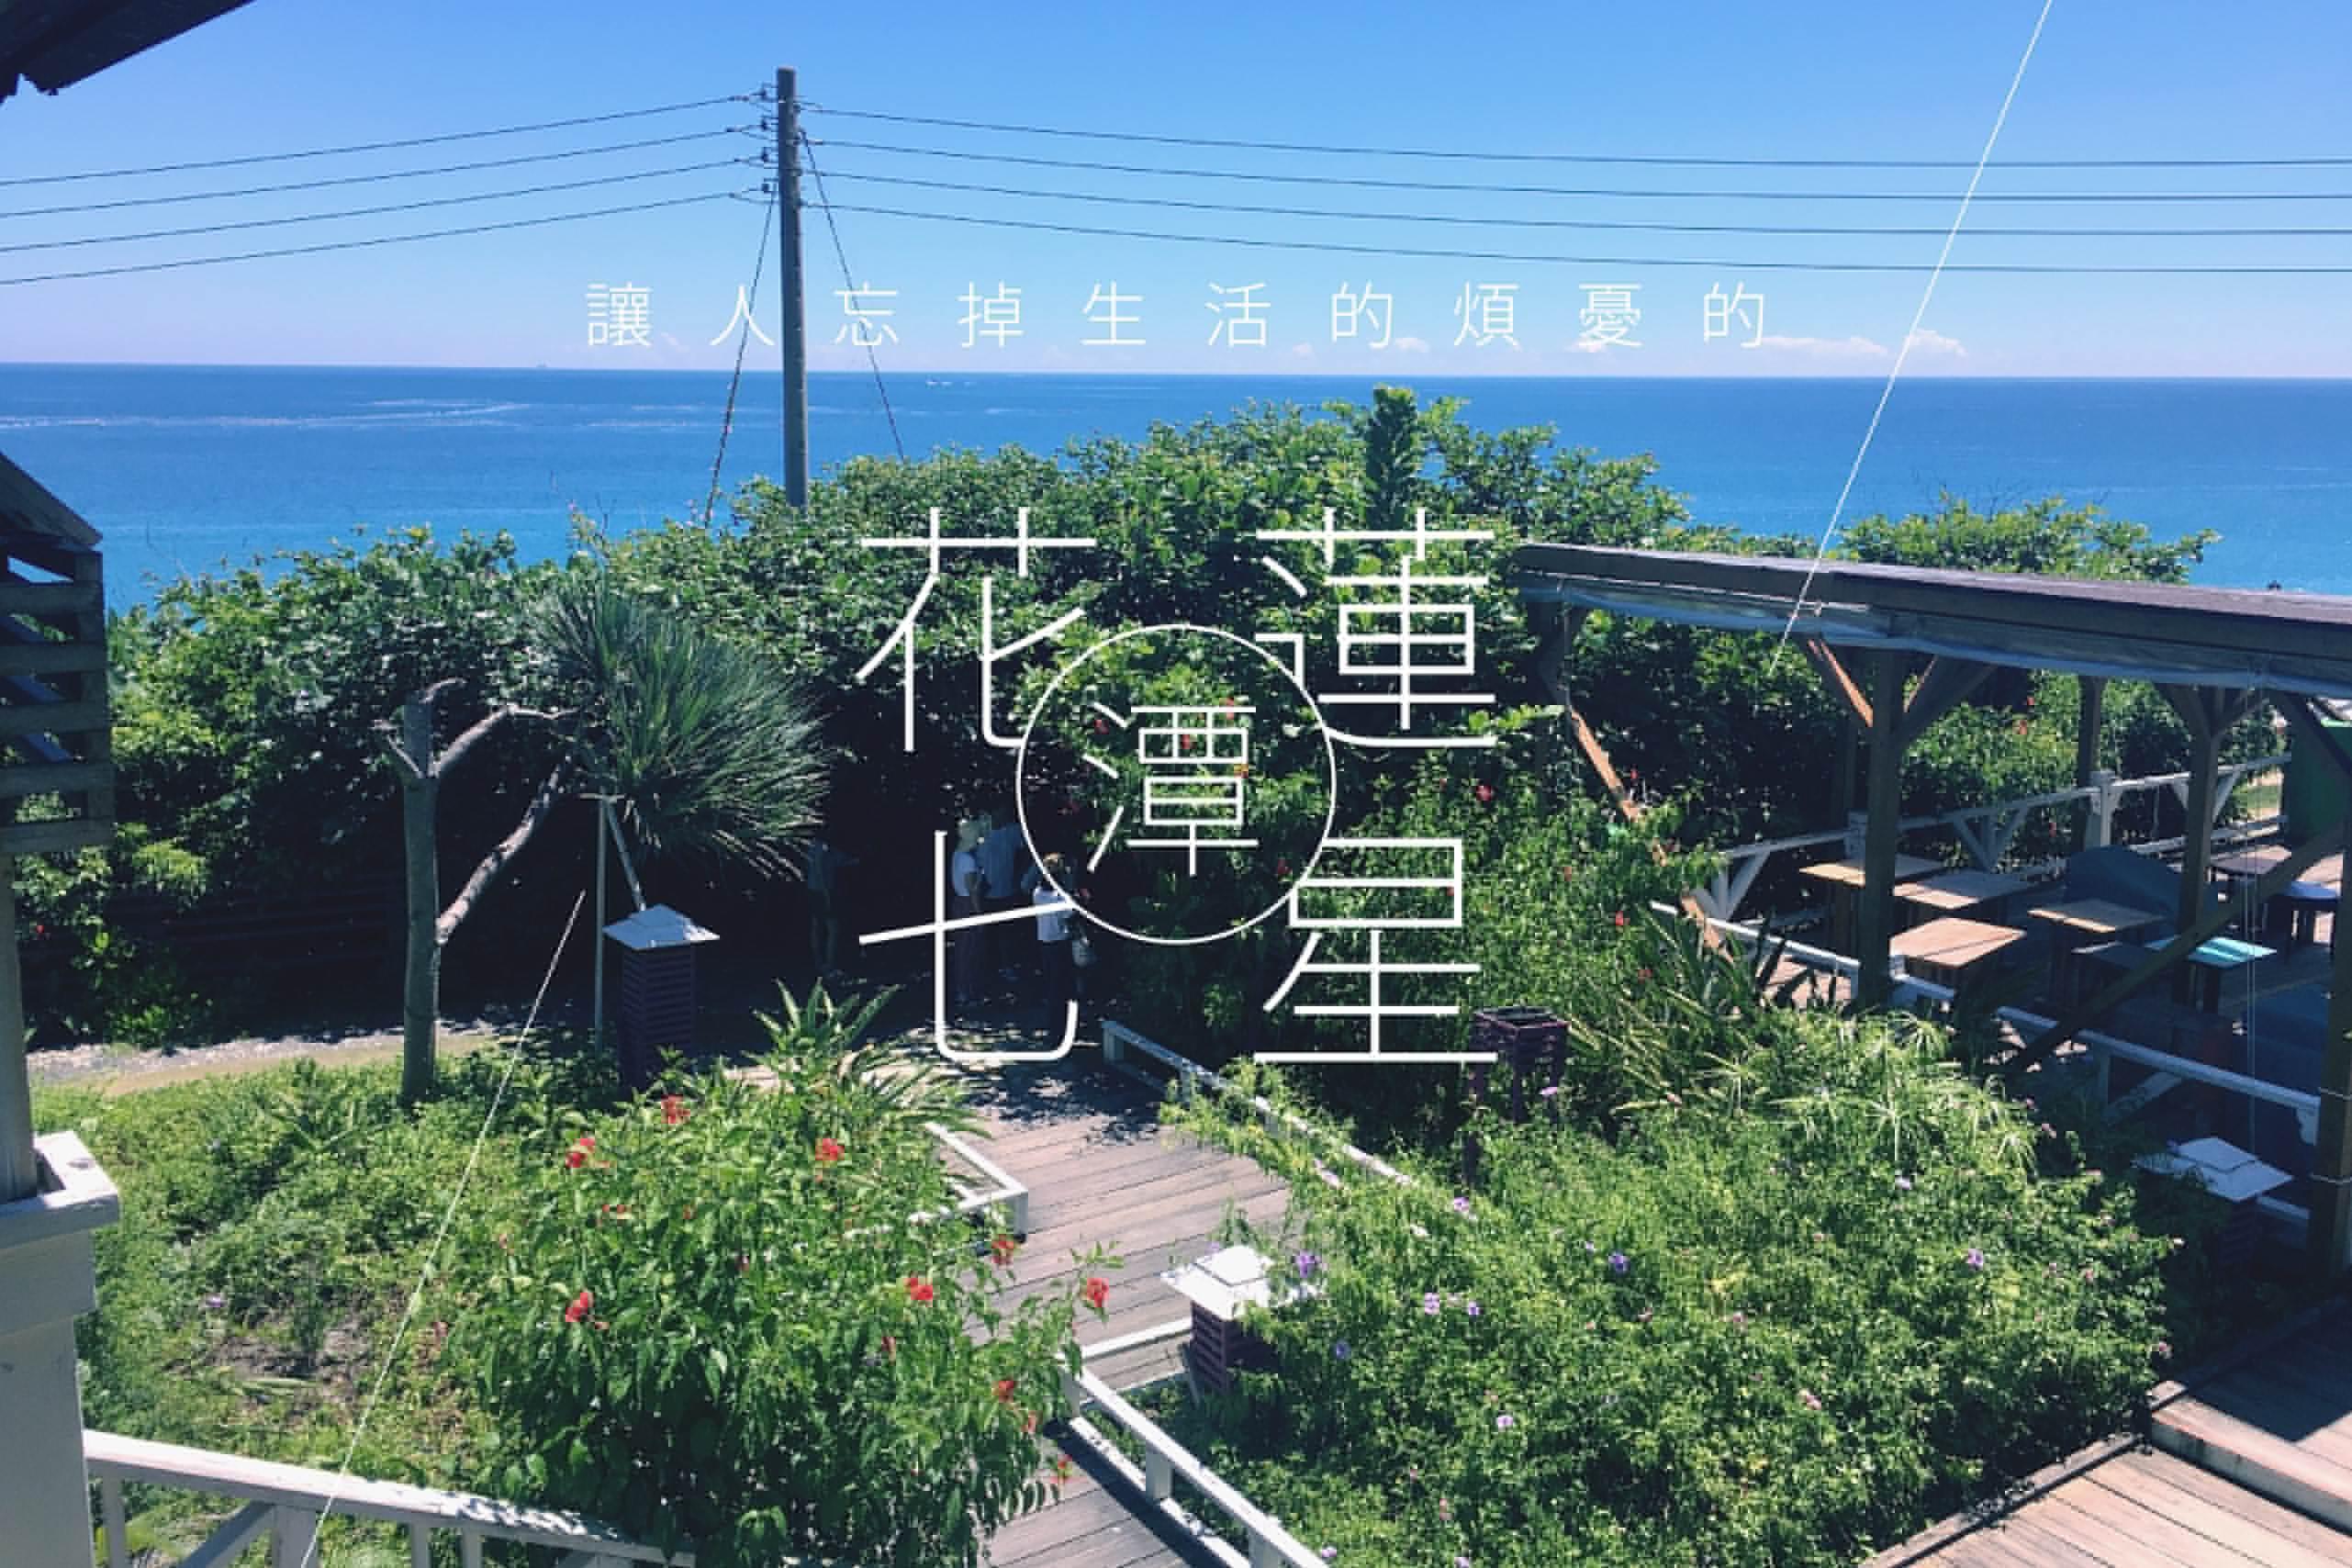 """夏天必去七星潭!花蓮超美""""濱海民宿""""2選,週末就來遠離城市放鬆心情吧!"""